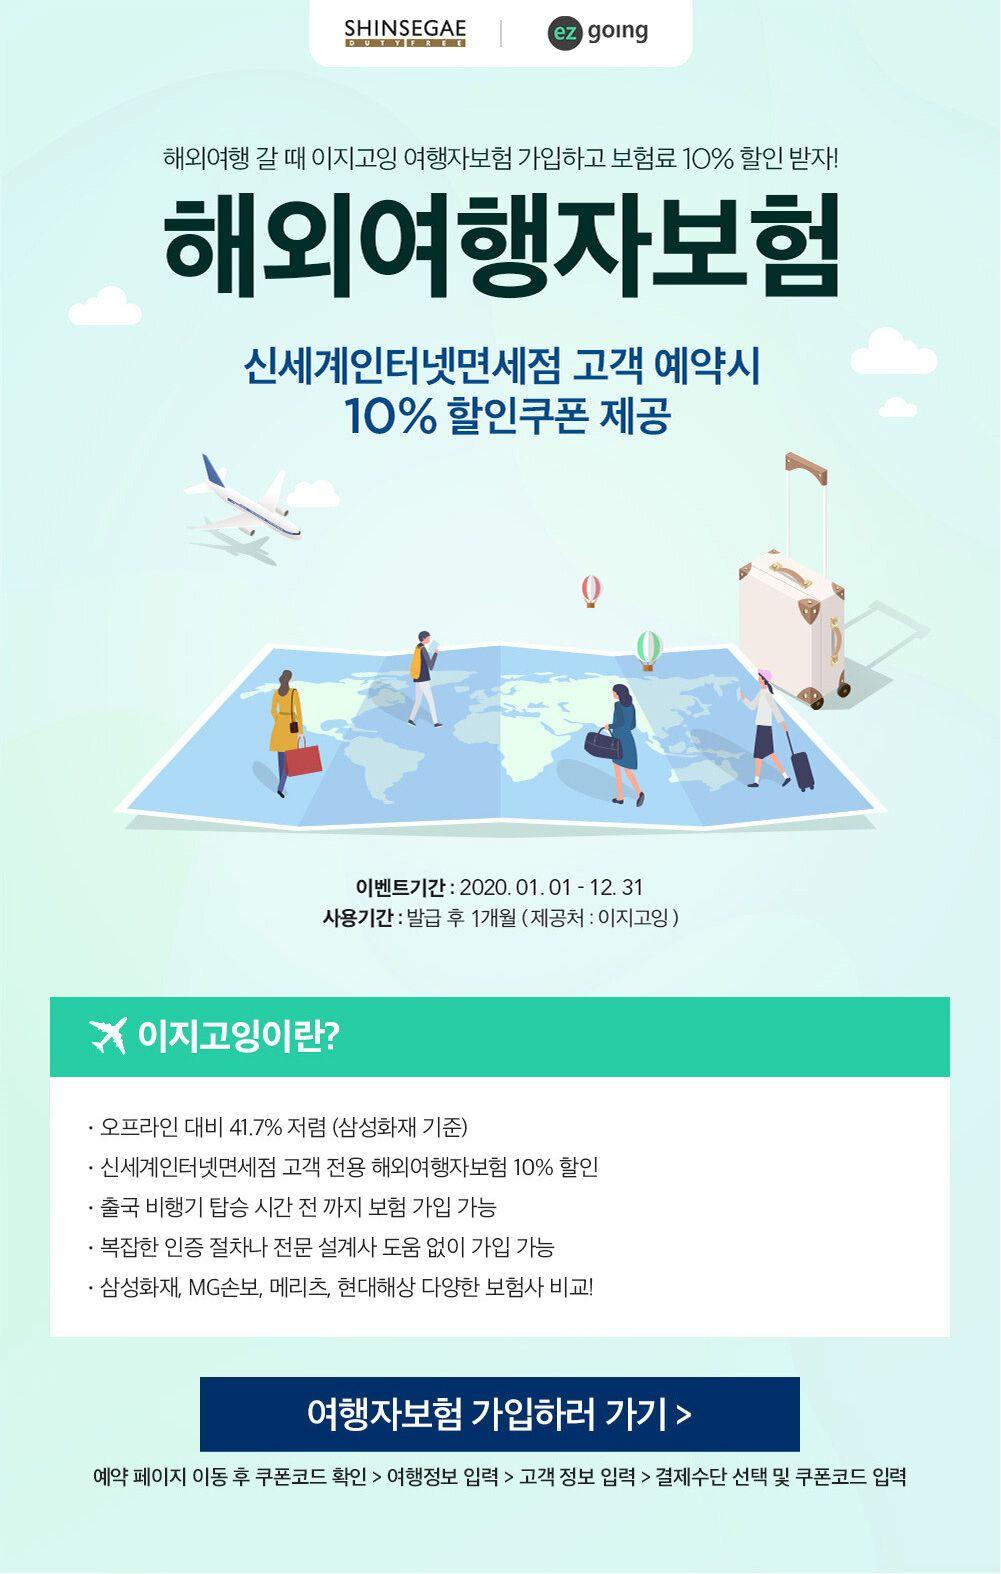 2020년8월1주차 중문 신세계면세점 2020 여행 프로모션